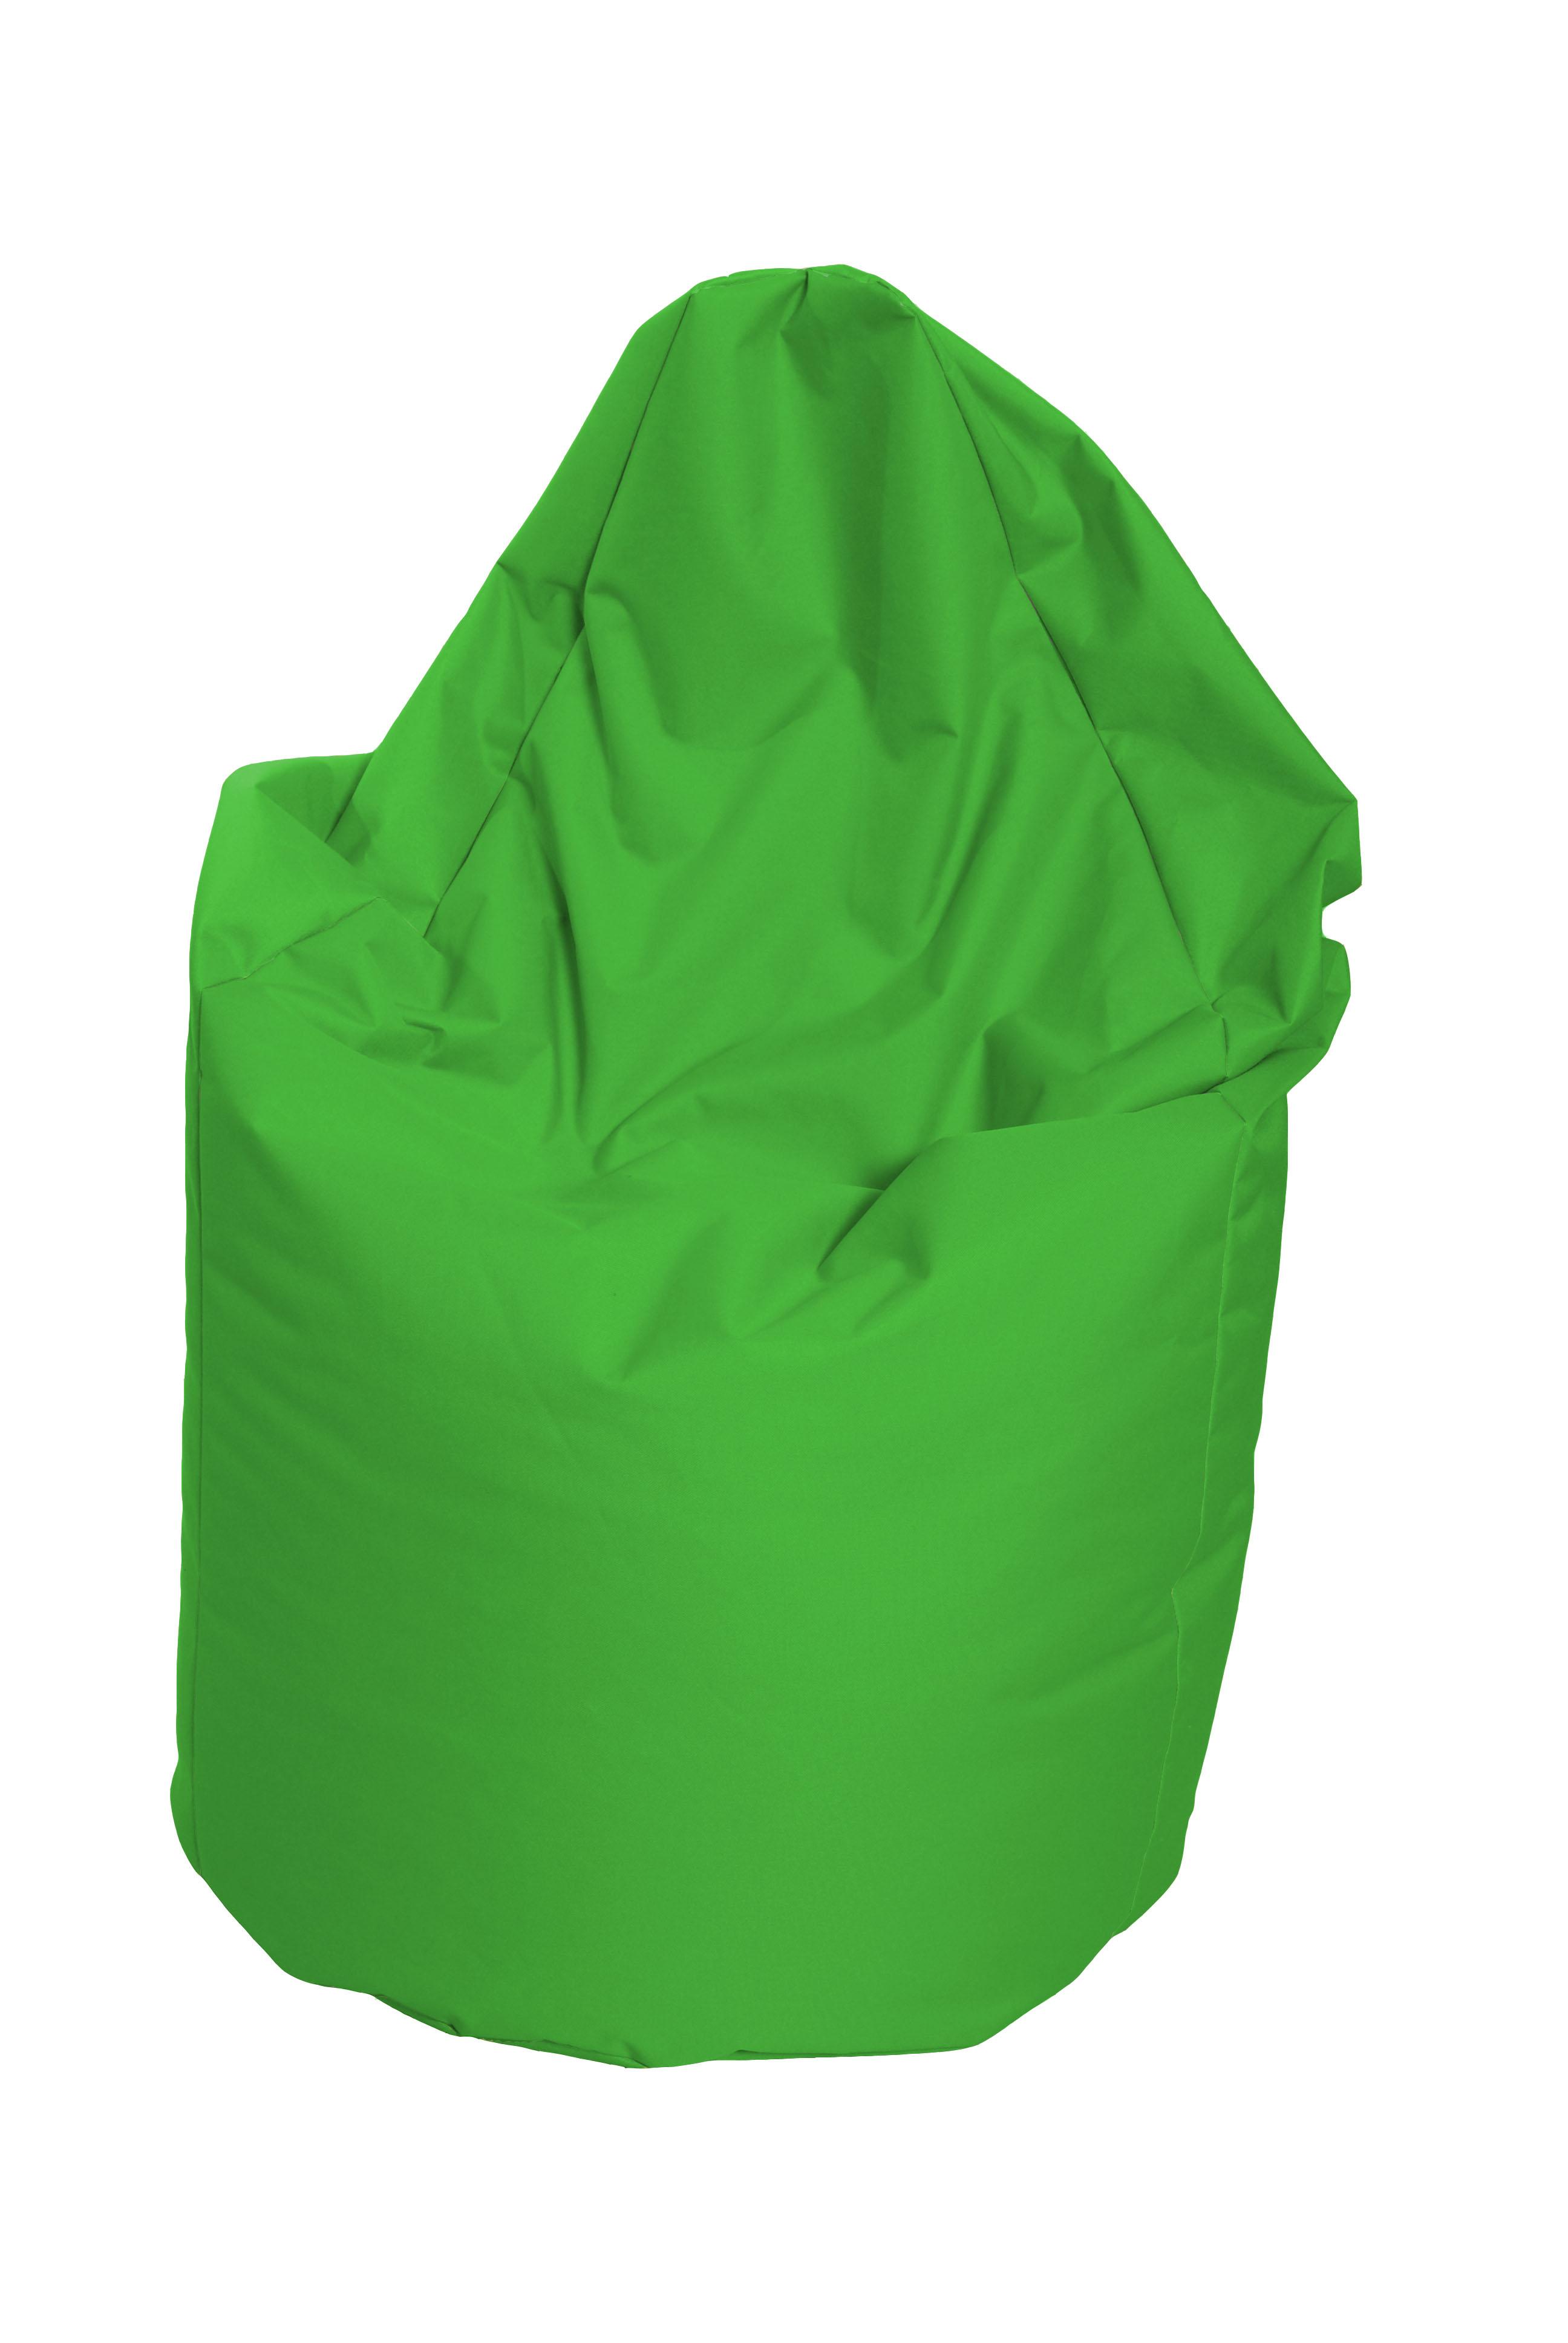 M&M sedací vak hruška Mega s vnitřním obalem 140x80cm zelená (zelená 60166)